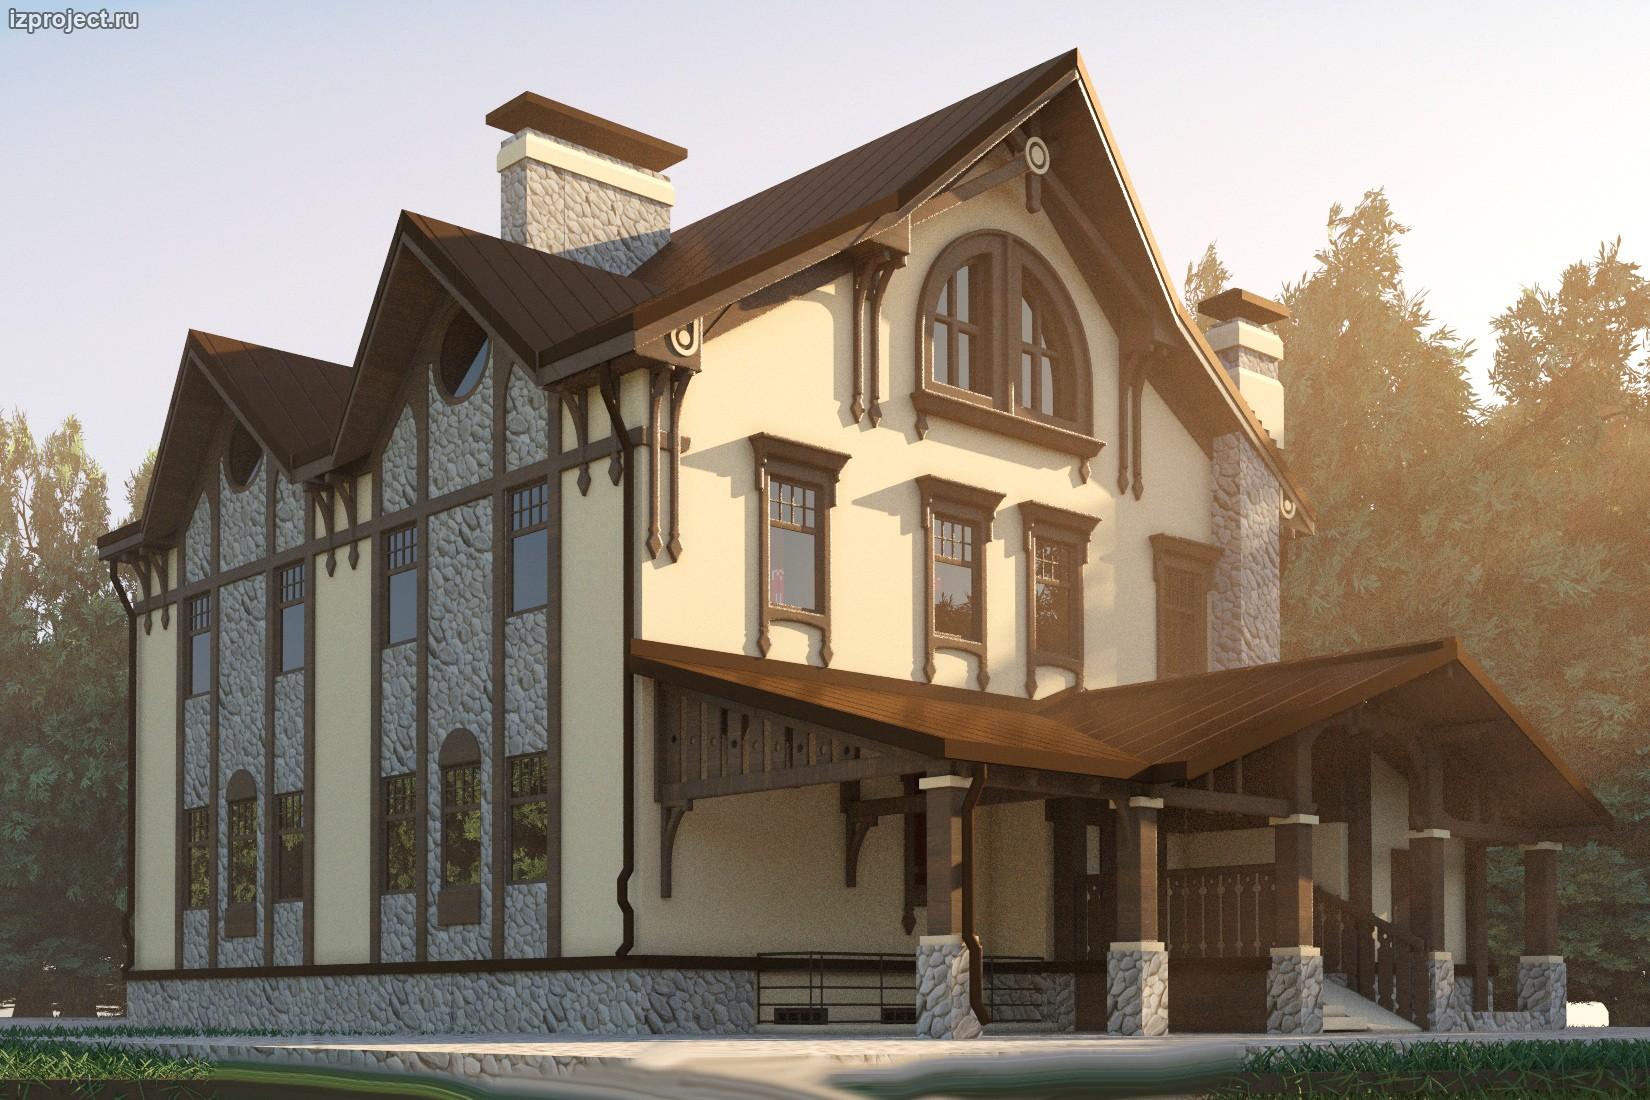 Фото проекты домов из сэндвич-панелей по канадской